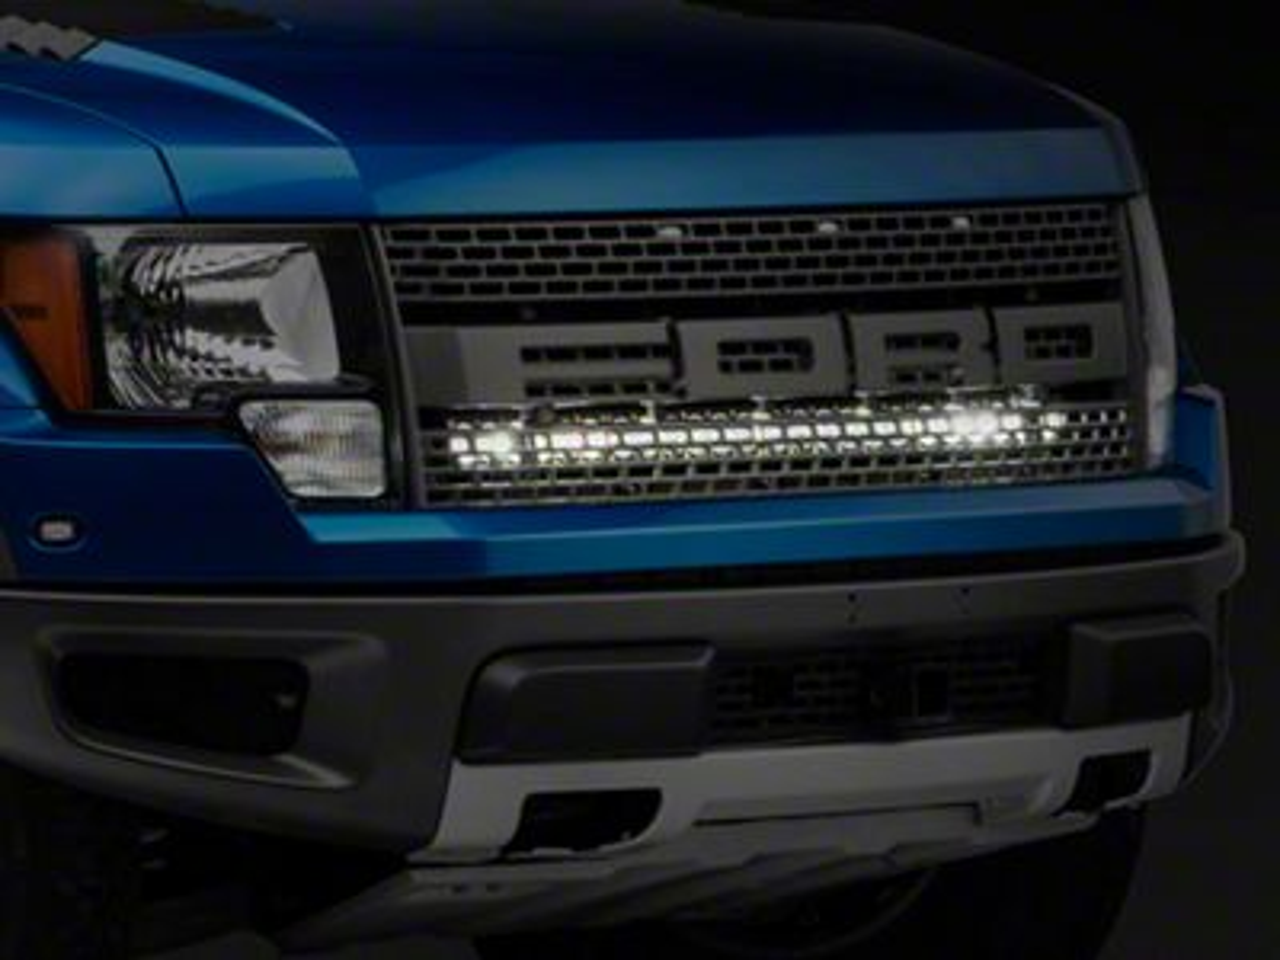 Baja Designs 40 in. OnX6 LED Light Bar w/ Upper Grille Mounting Brackets (10-14 F-150 Raptor)